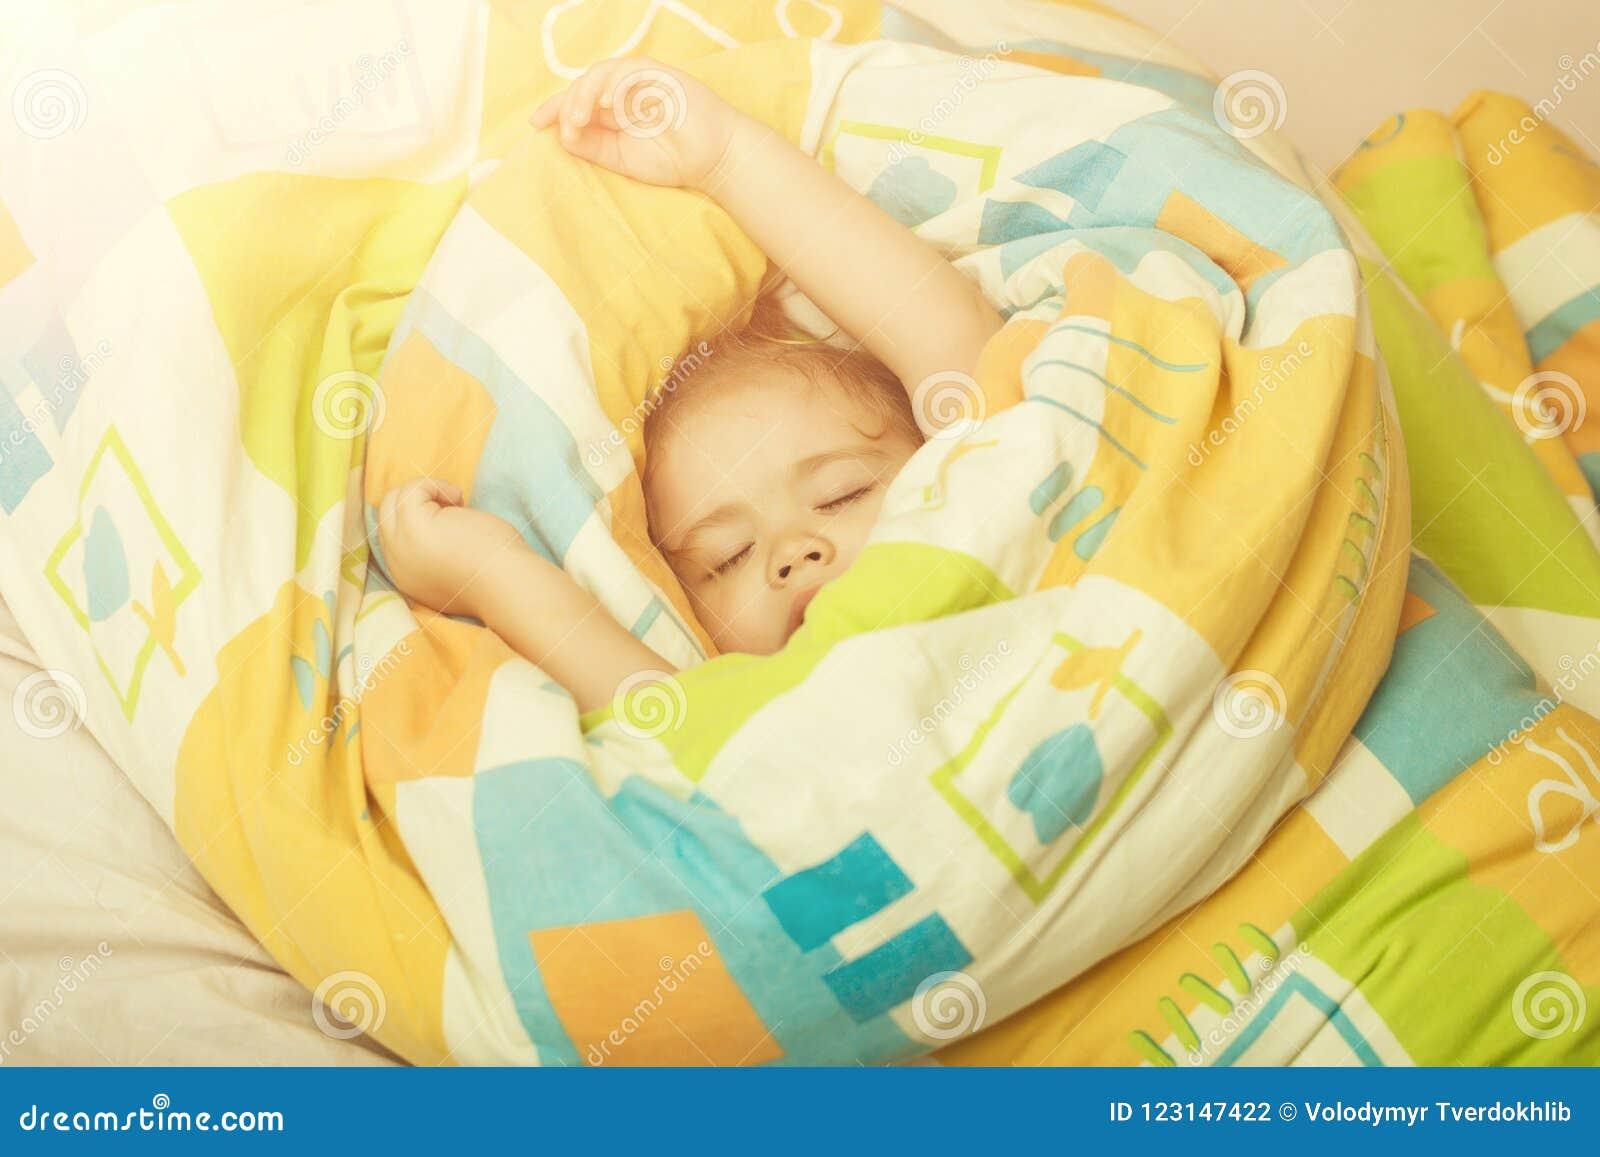 Bebé soñoliento en manta colorida